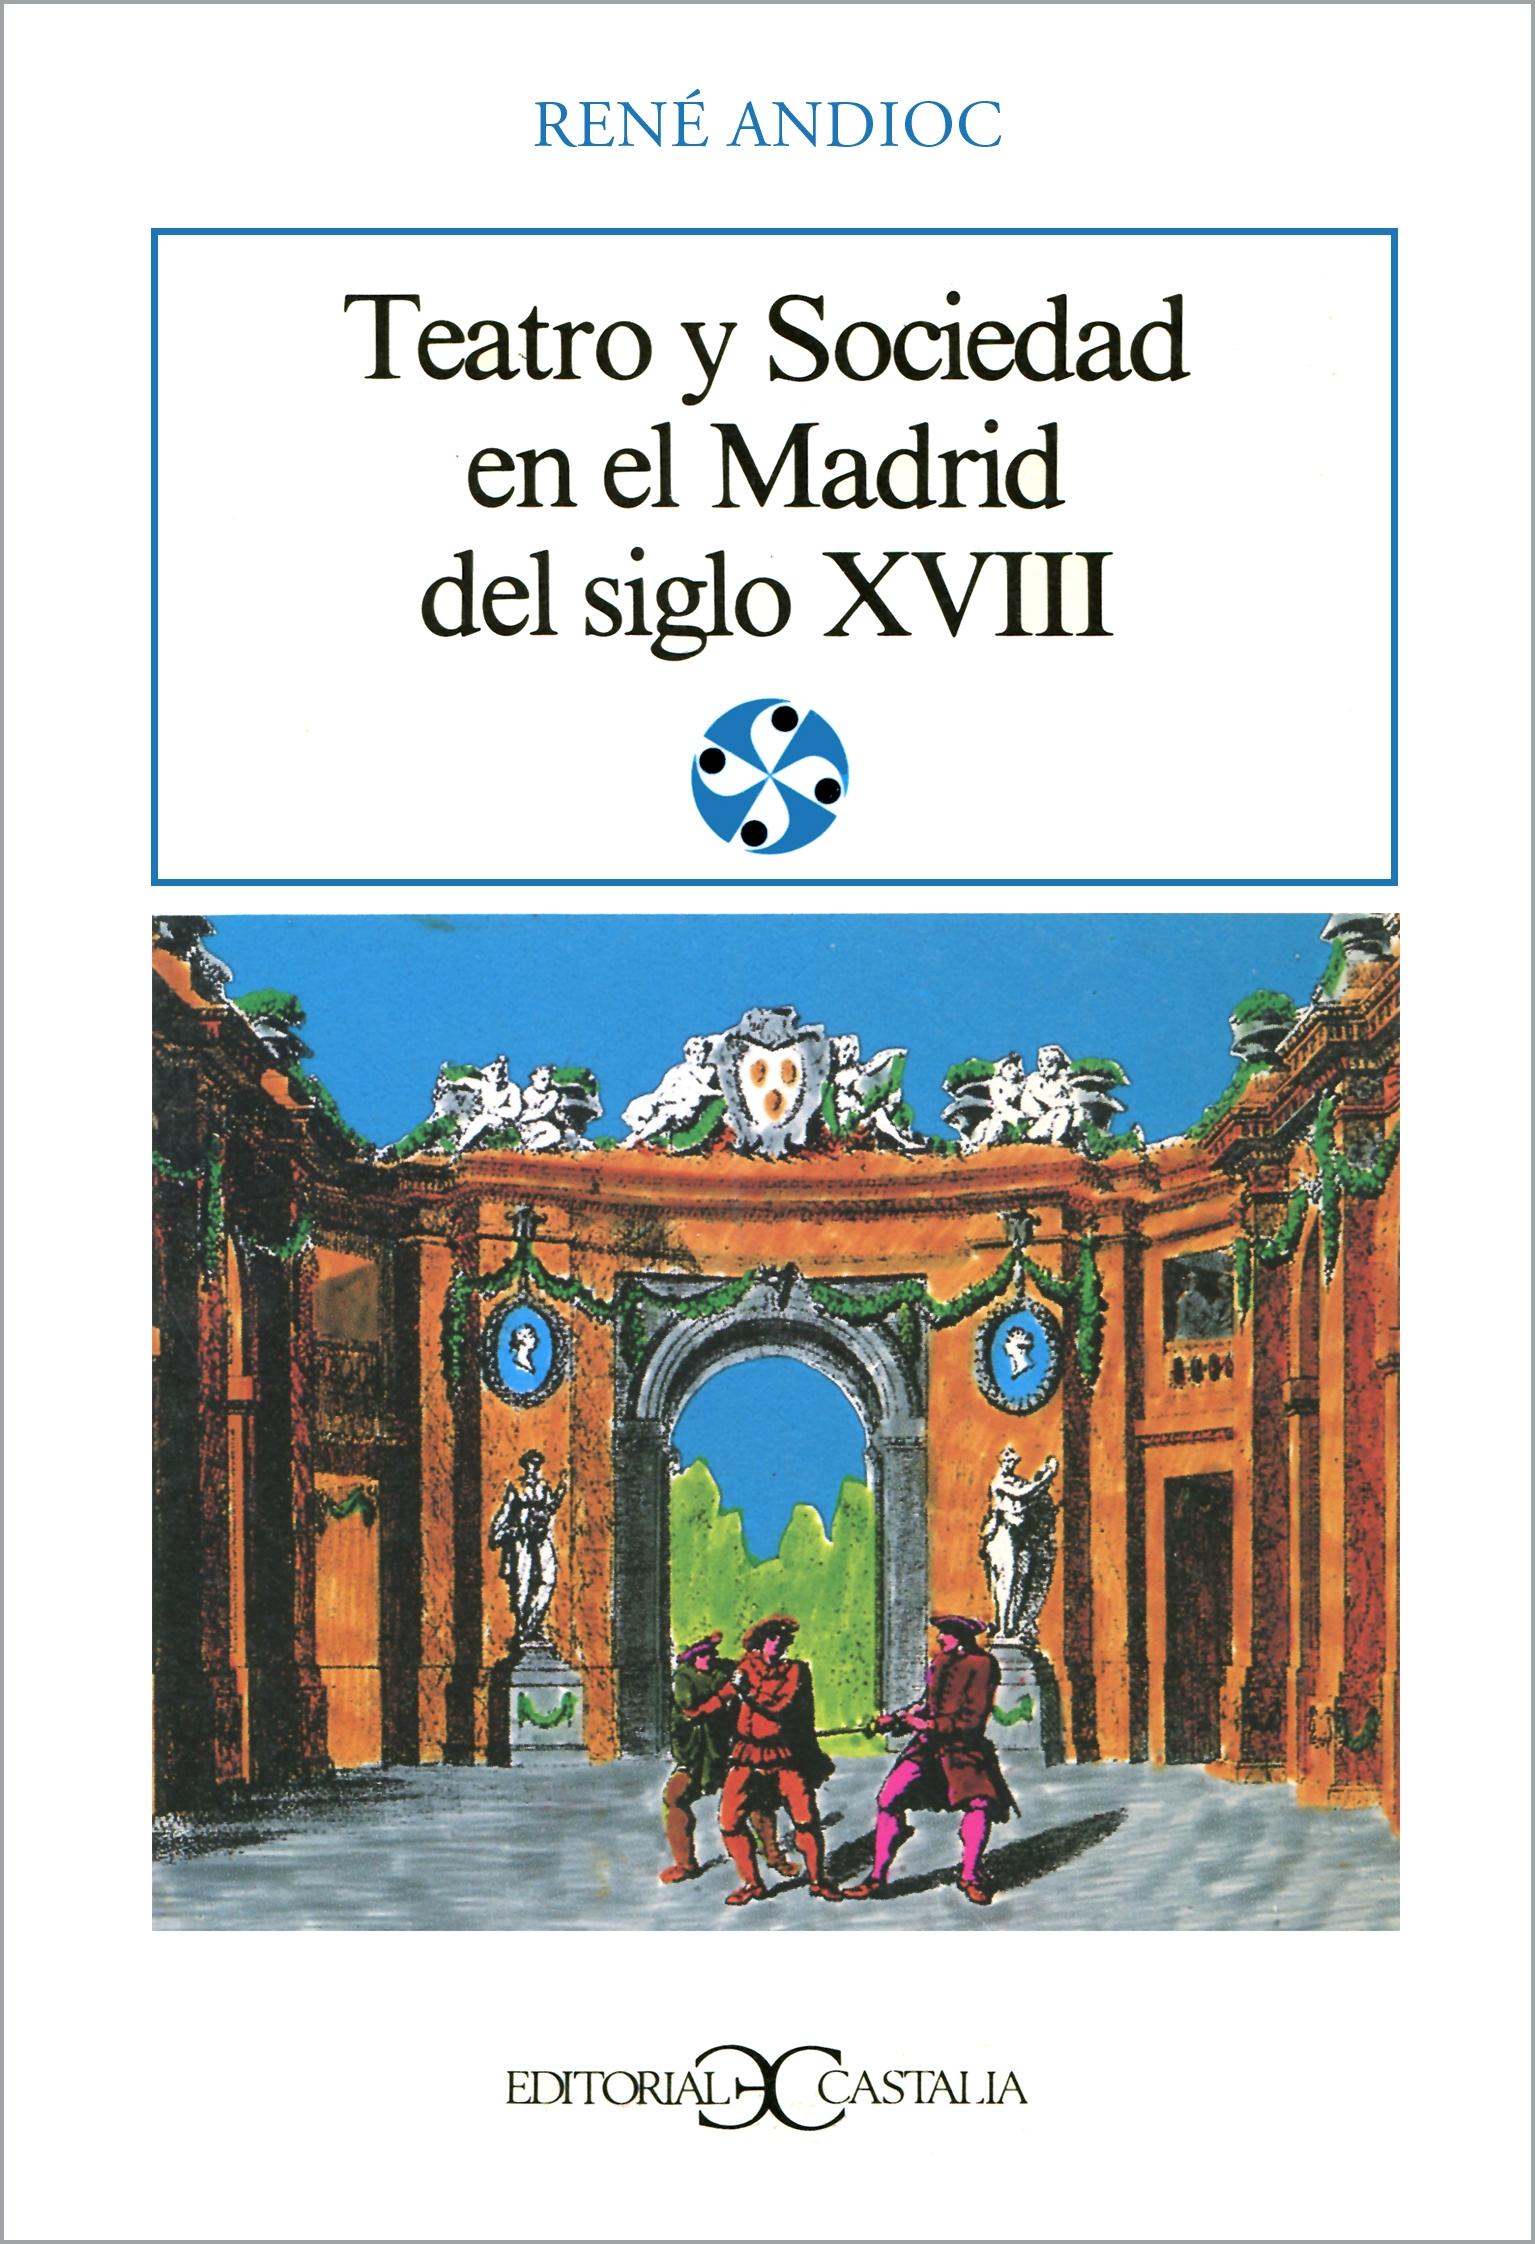 Teatro y sociedad en el Madrid del siglo XVII